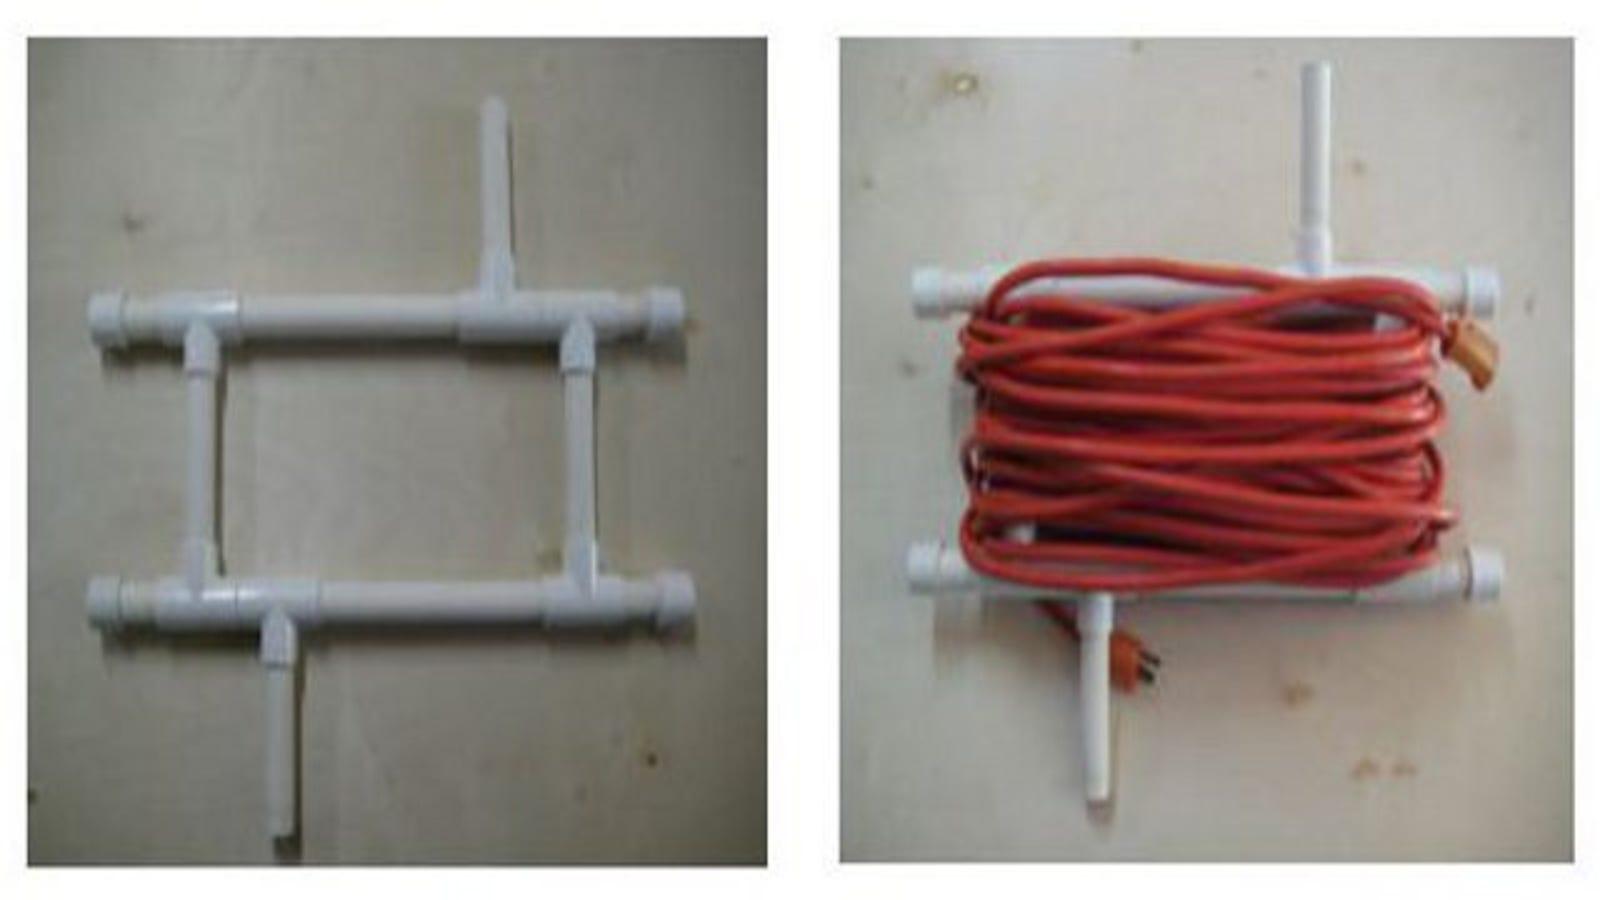 Diy Pvc Extension Cord Caddy